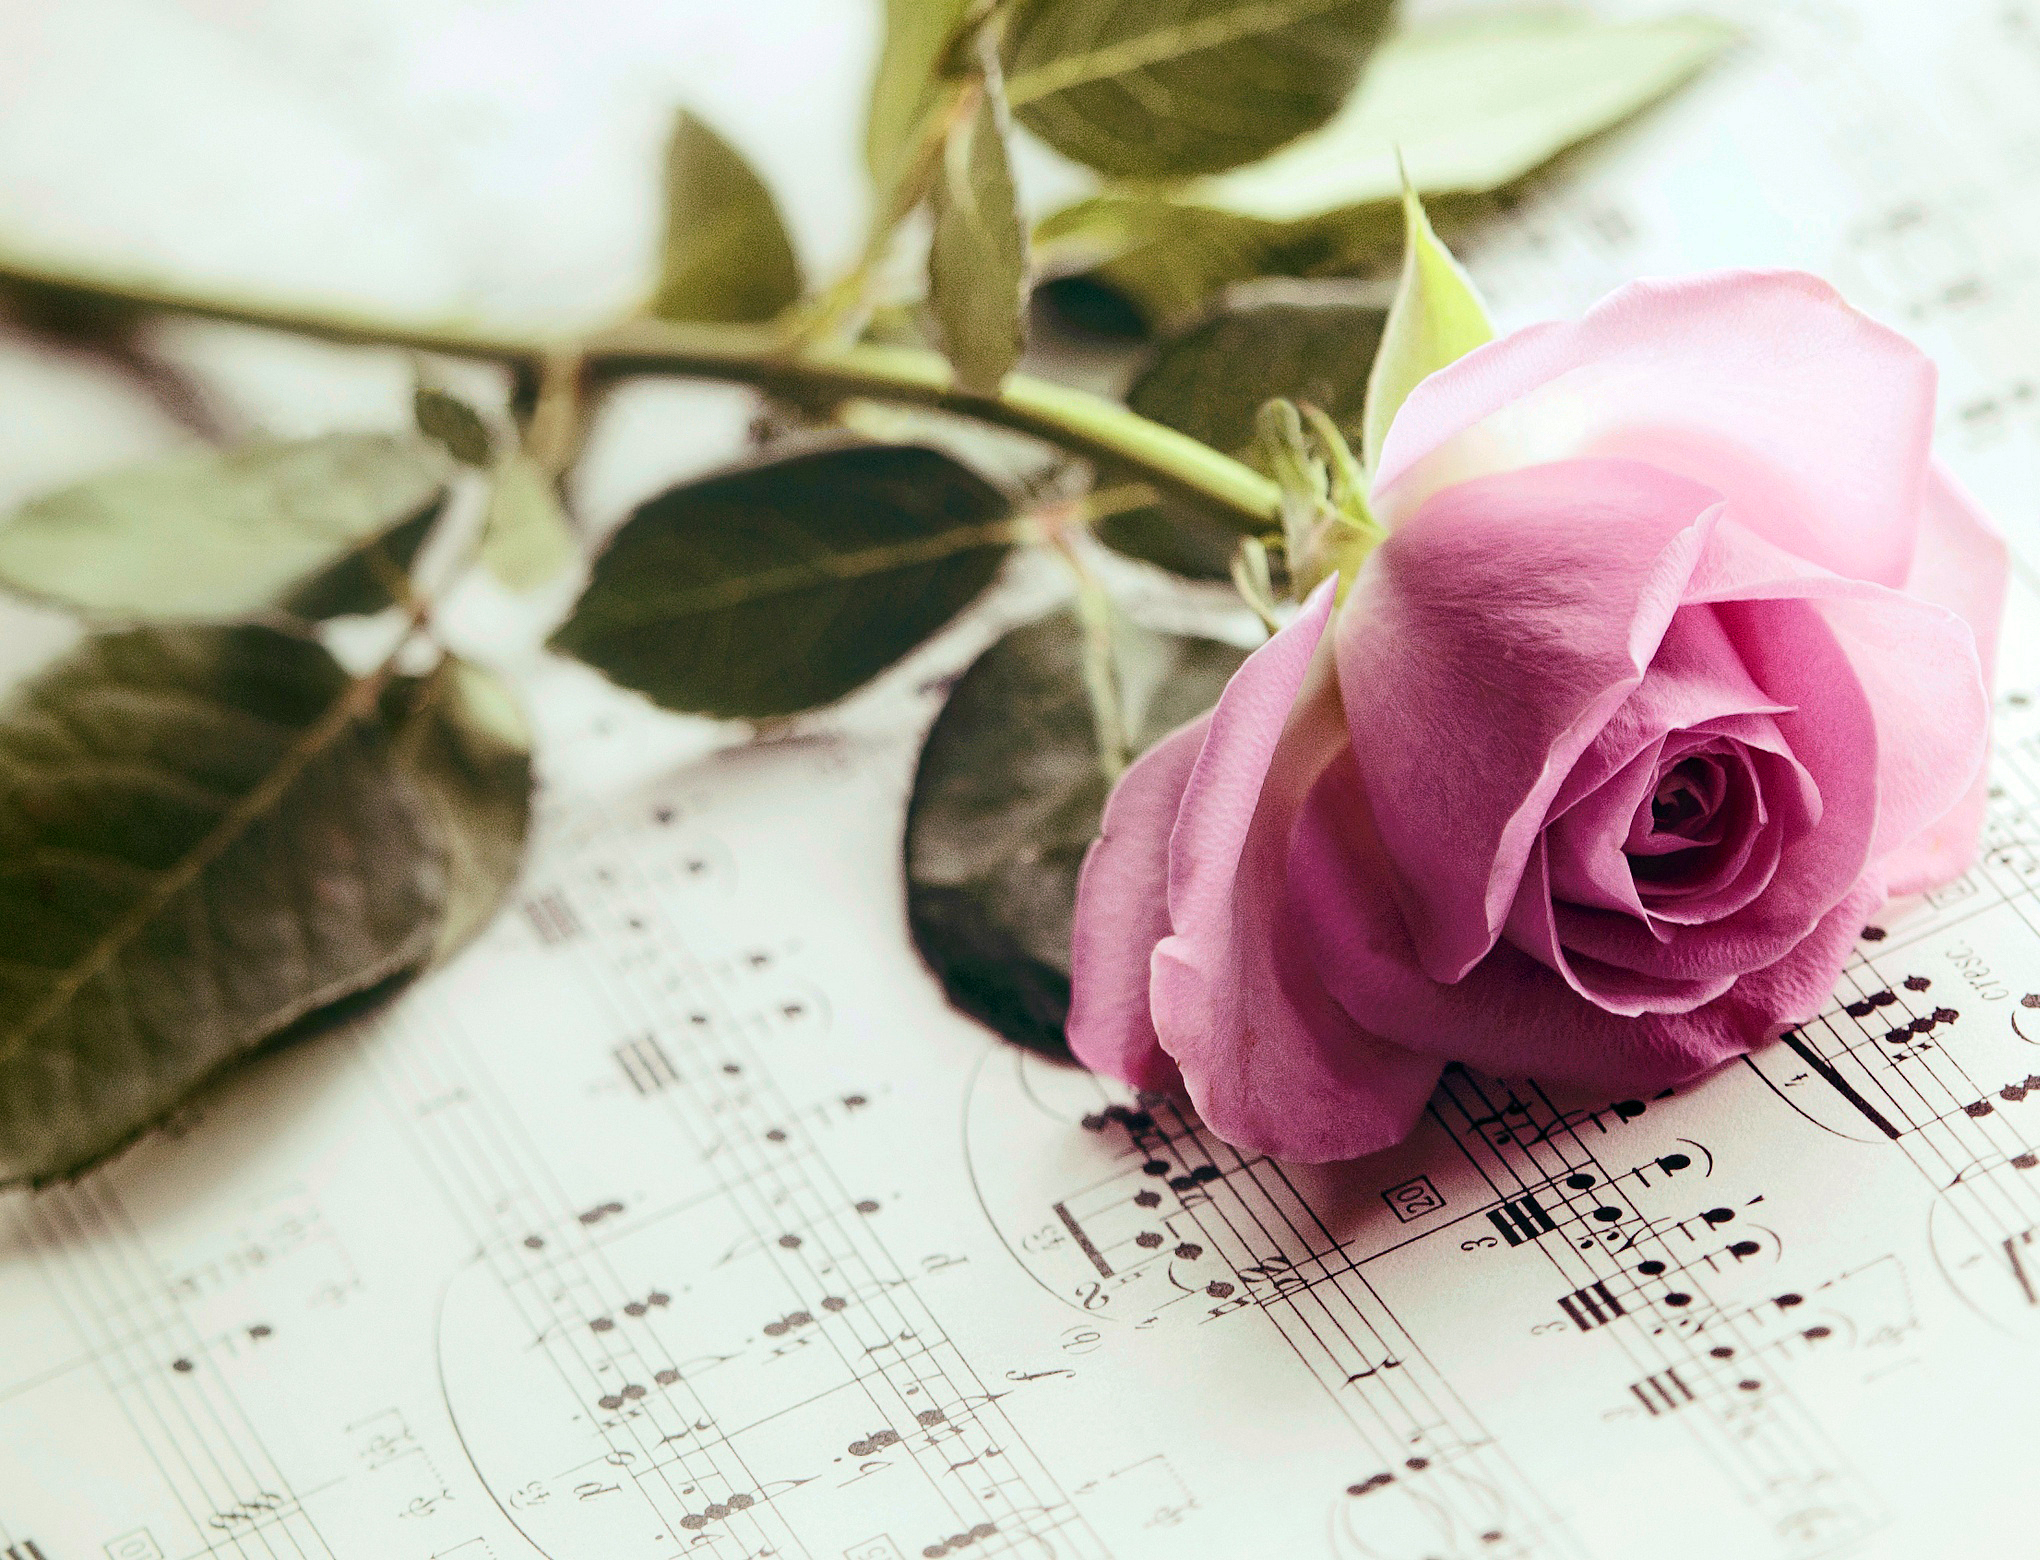 цветы тетрадь листы сердце  № 1351055 без смс